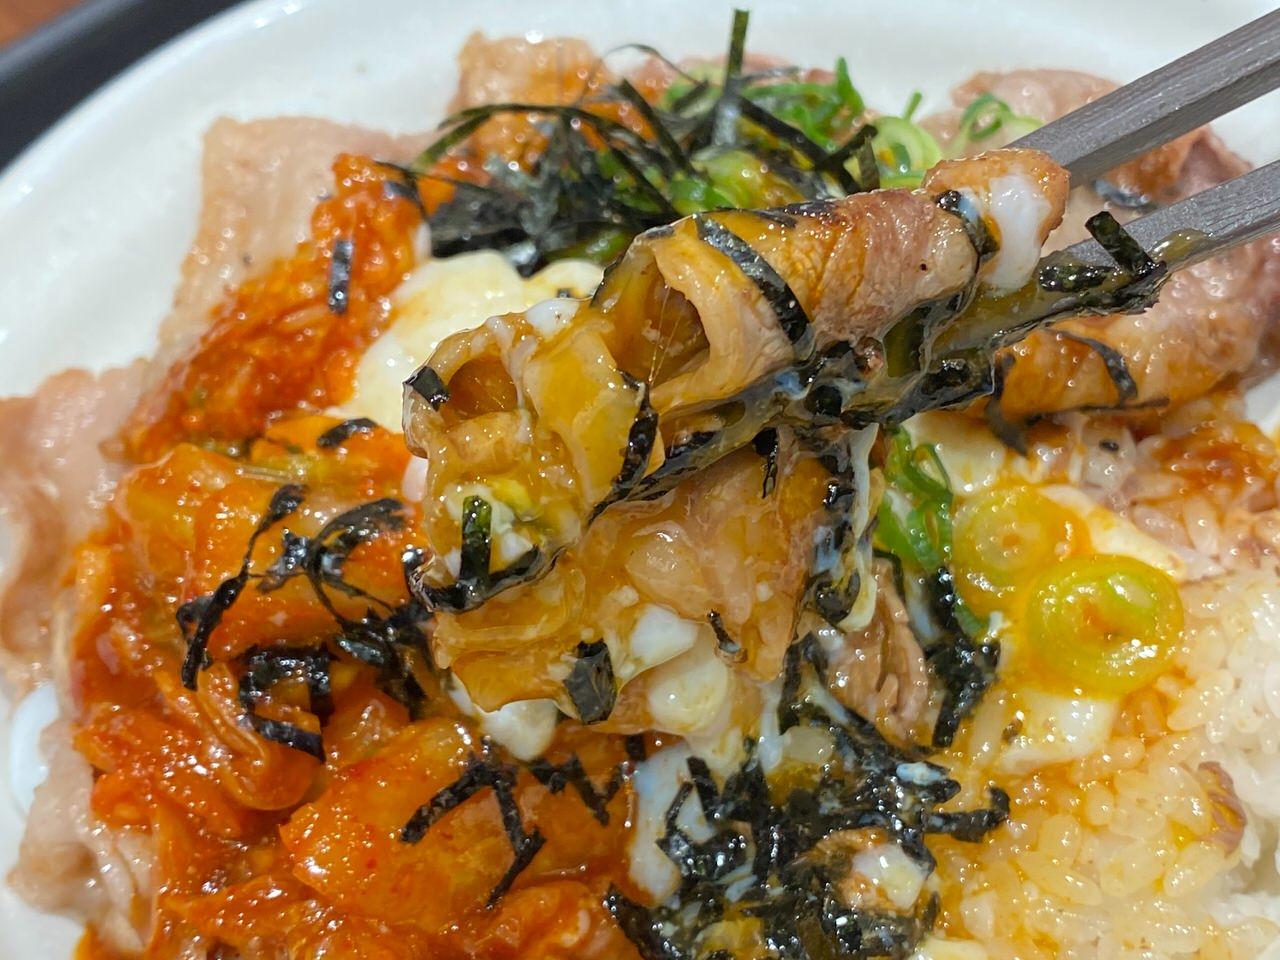 【松屋】定番メニューとなった「旨辛牛焼ビビン丼」を食べてみた 11